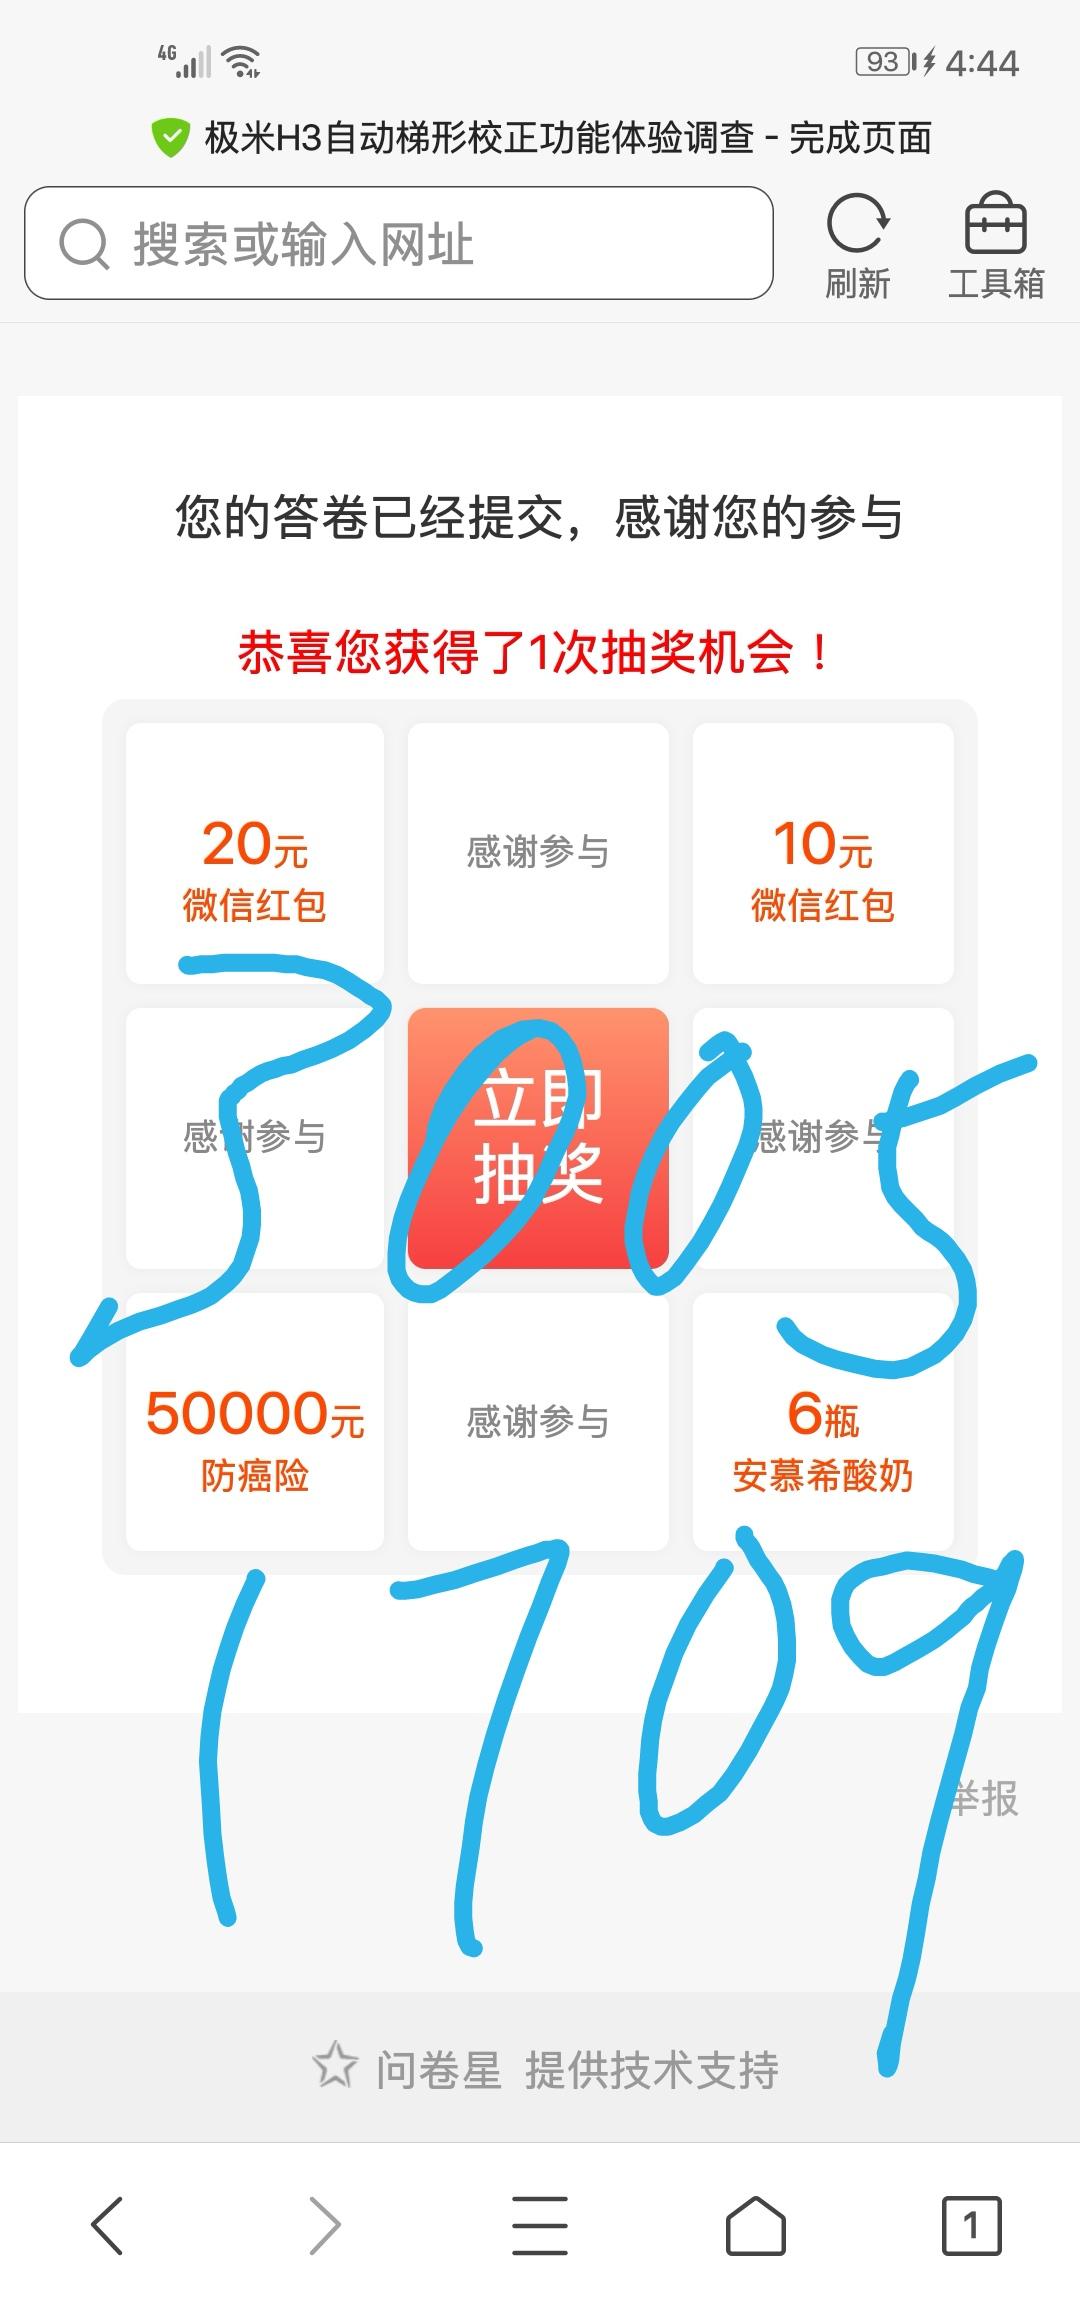 Screenshot_20200528_044520.jpg